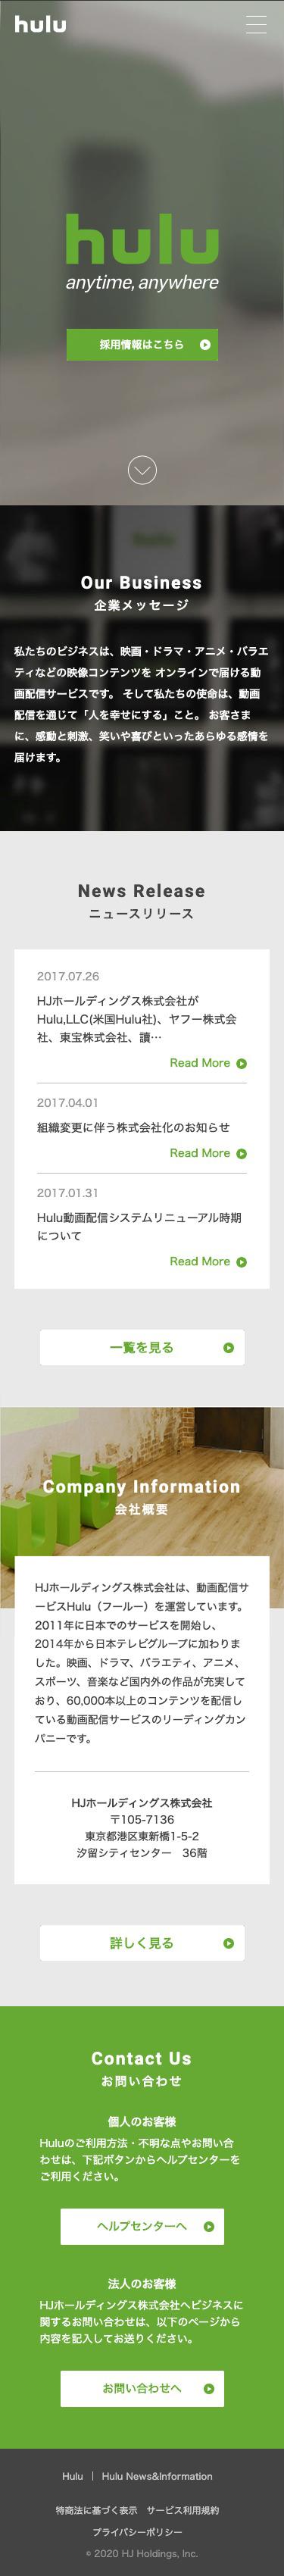 ホームページ制作実績HJホールディングス株式会社[huluコーポレート]